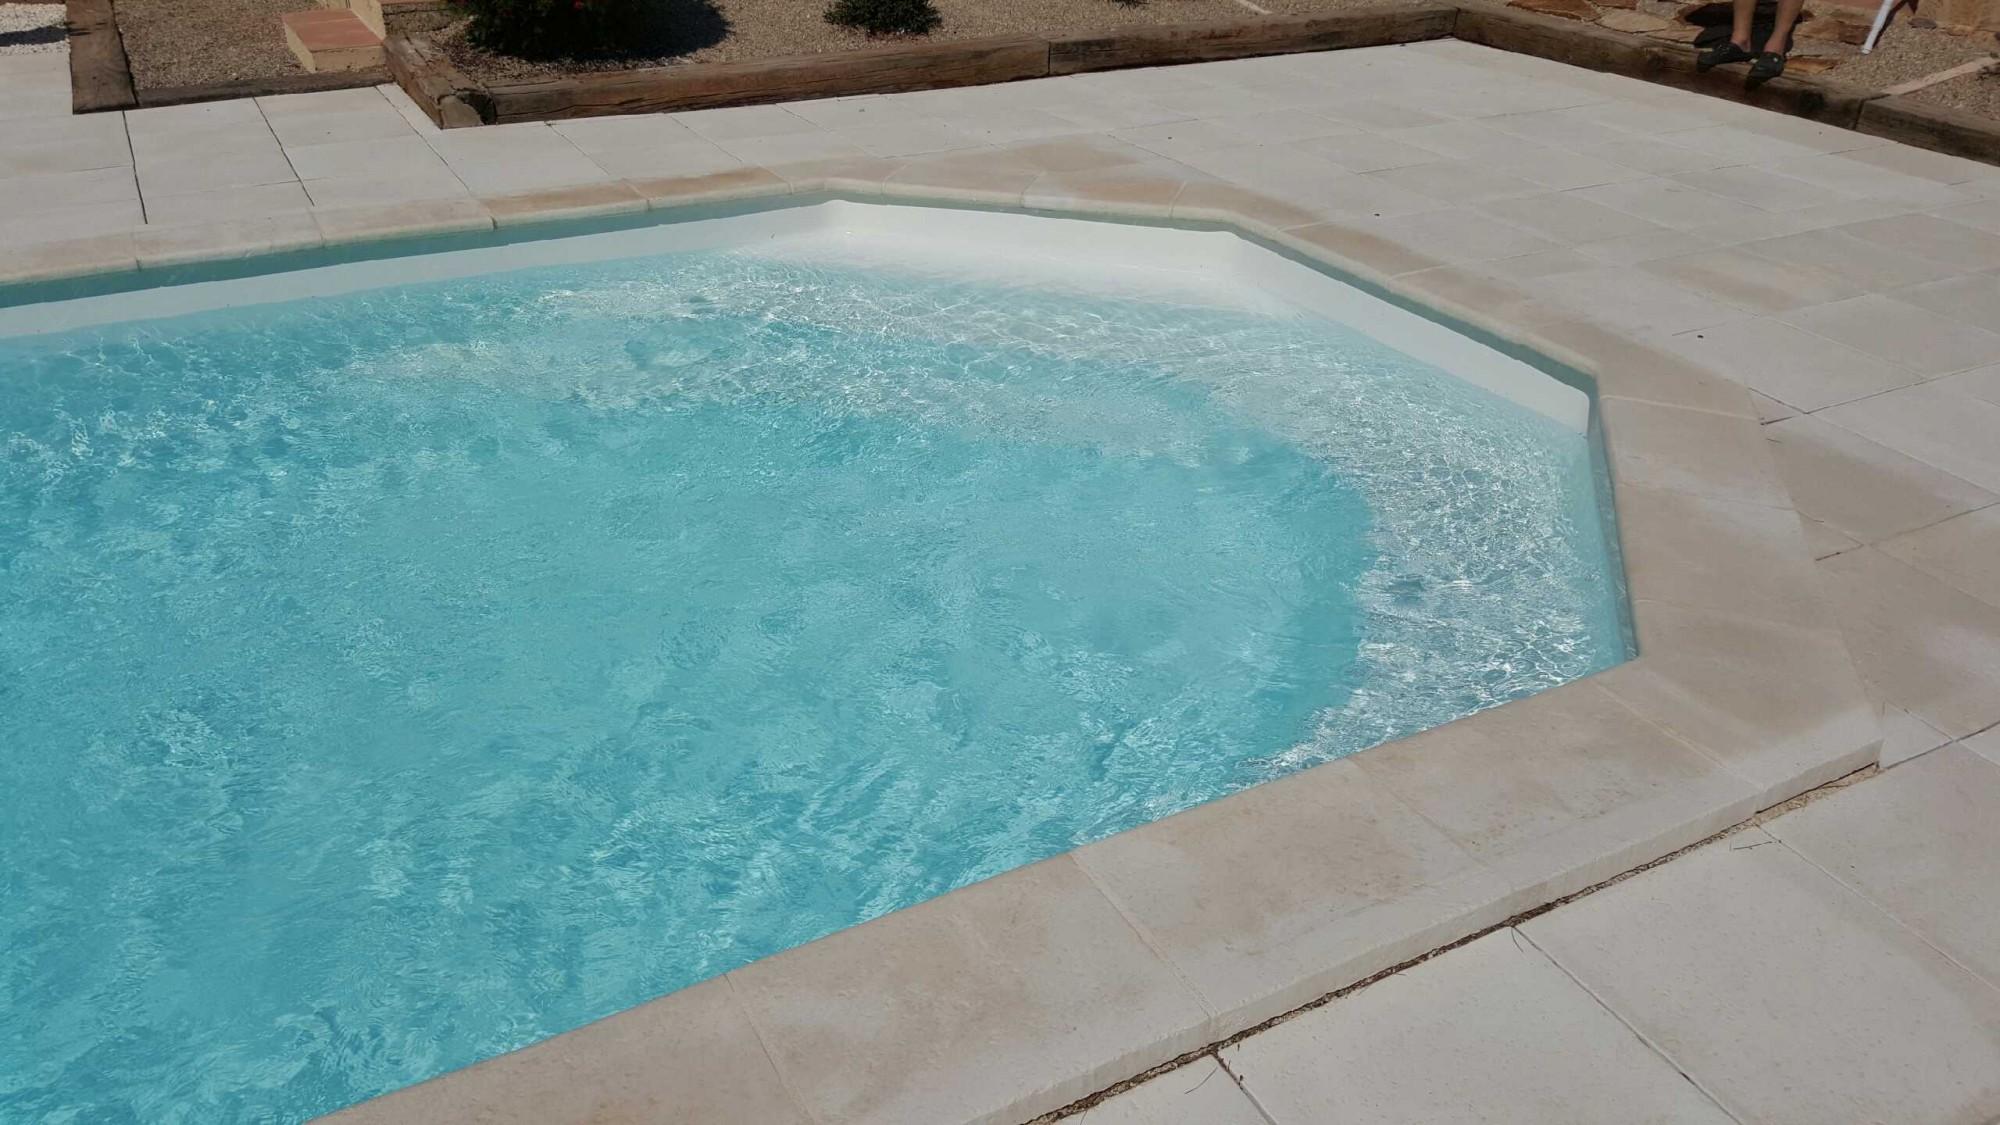 entreprise pour maintenance piscine la farl de alliance. Black Bedroom Furniture Sets. Home Design Ideas